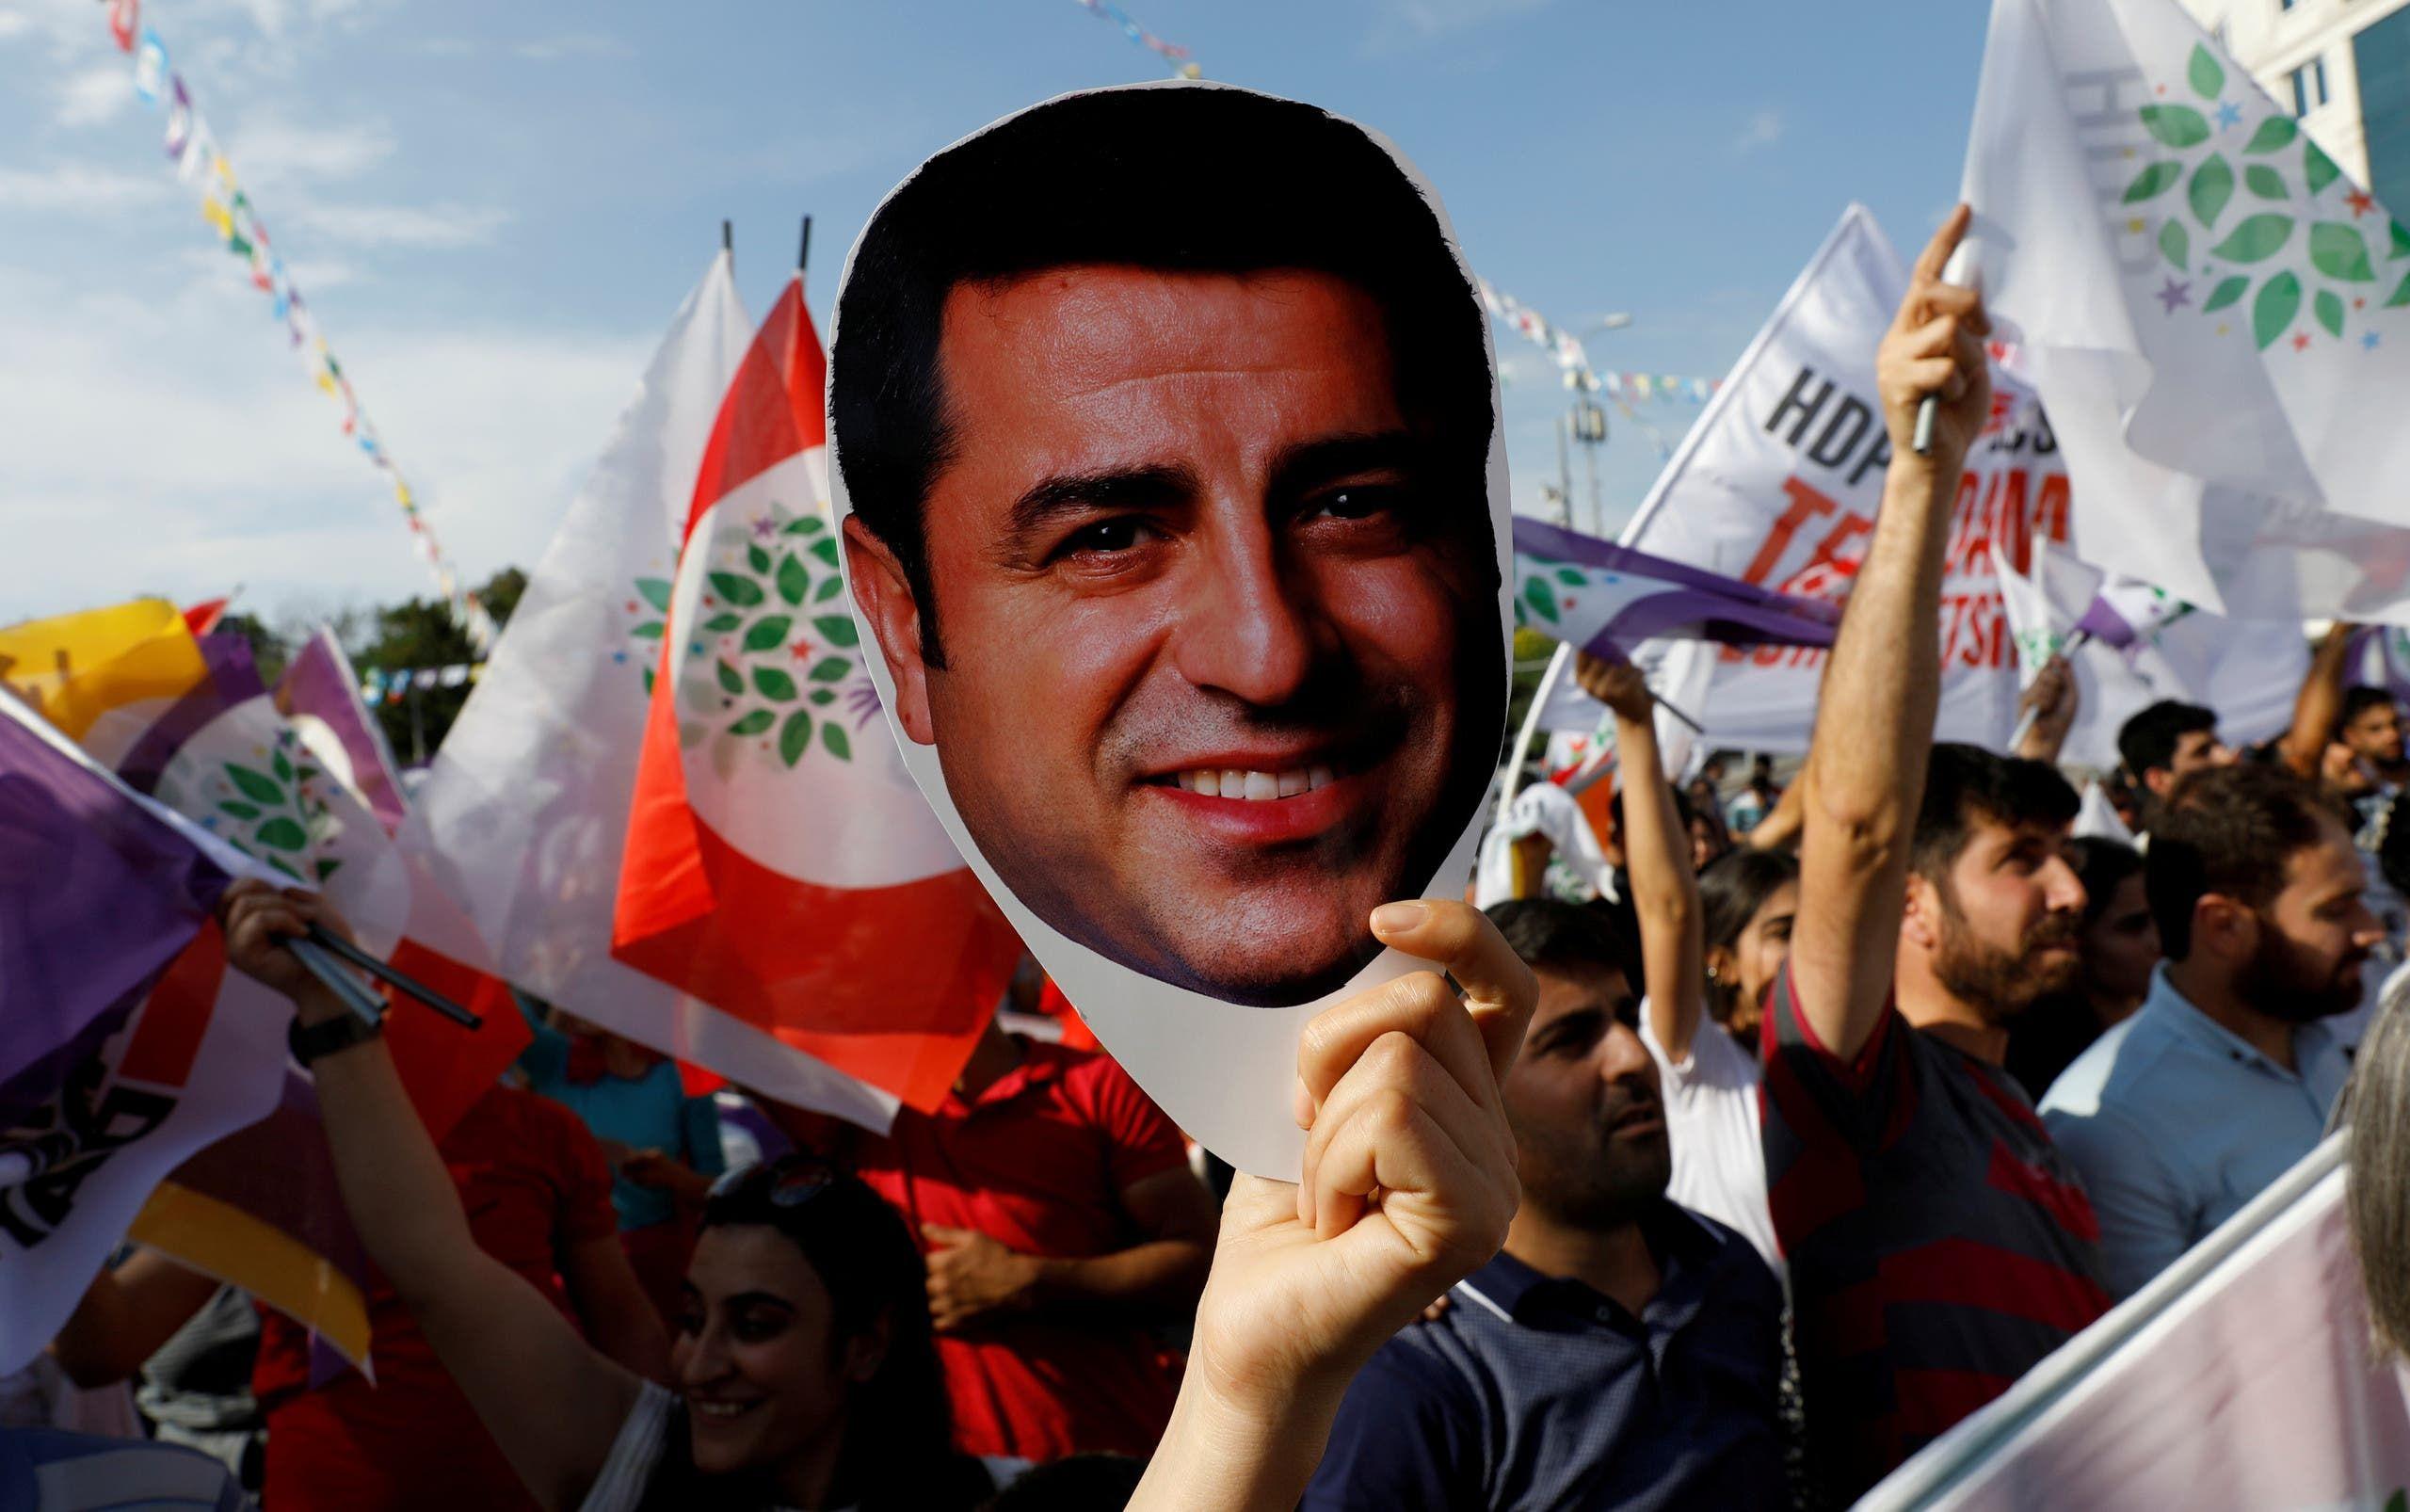 أنصار حزب الشعوب الديمقراطي يرفعون صورة دميرتاش خلال تجمّع في أنقرة في يونيو 2018